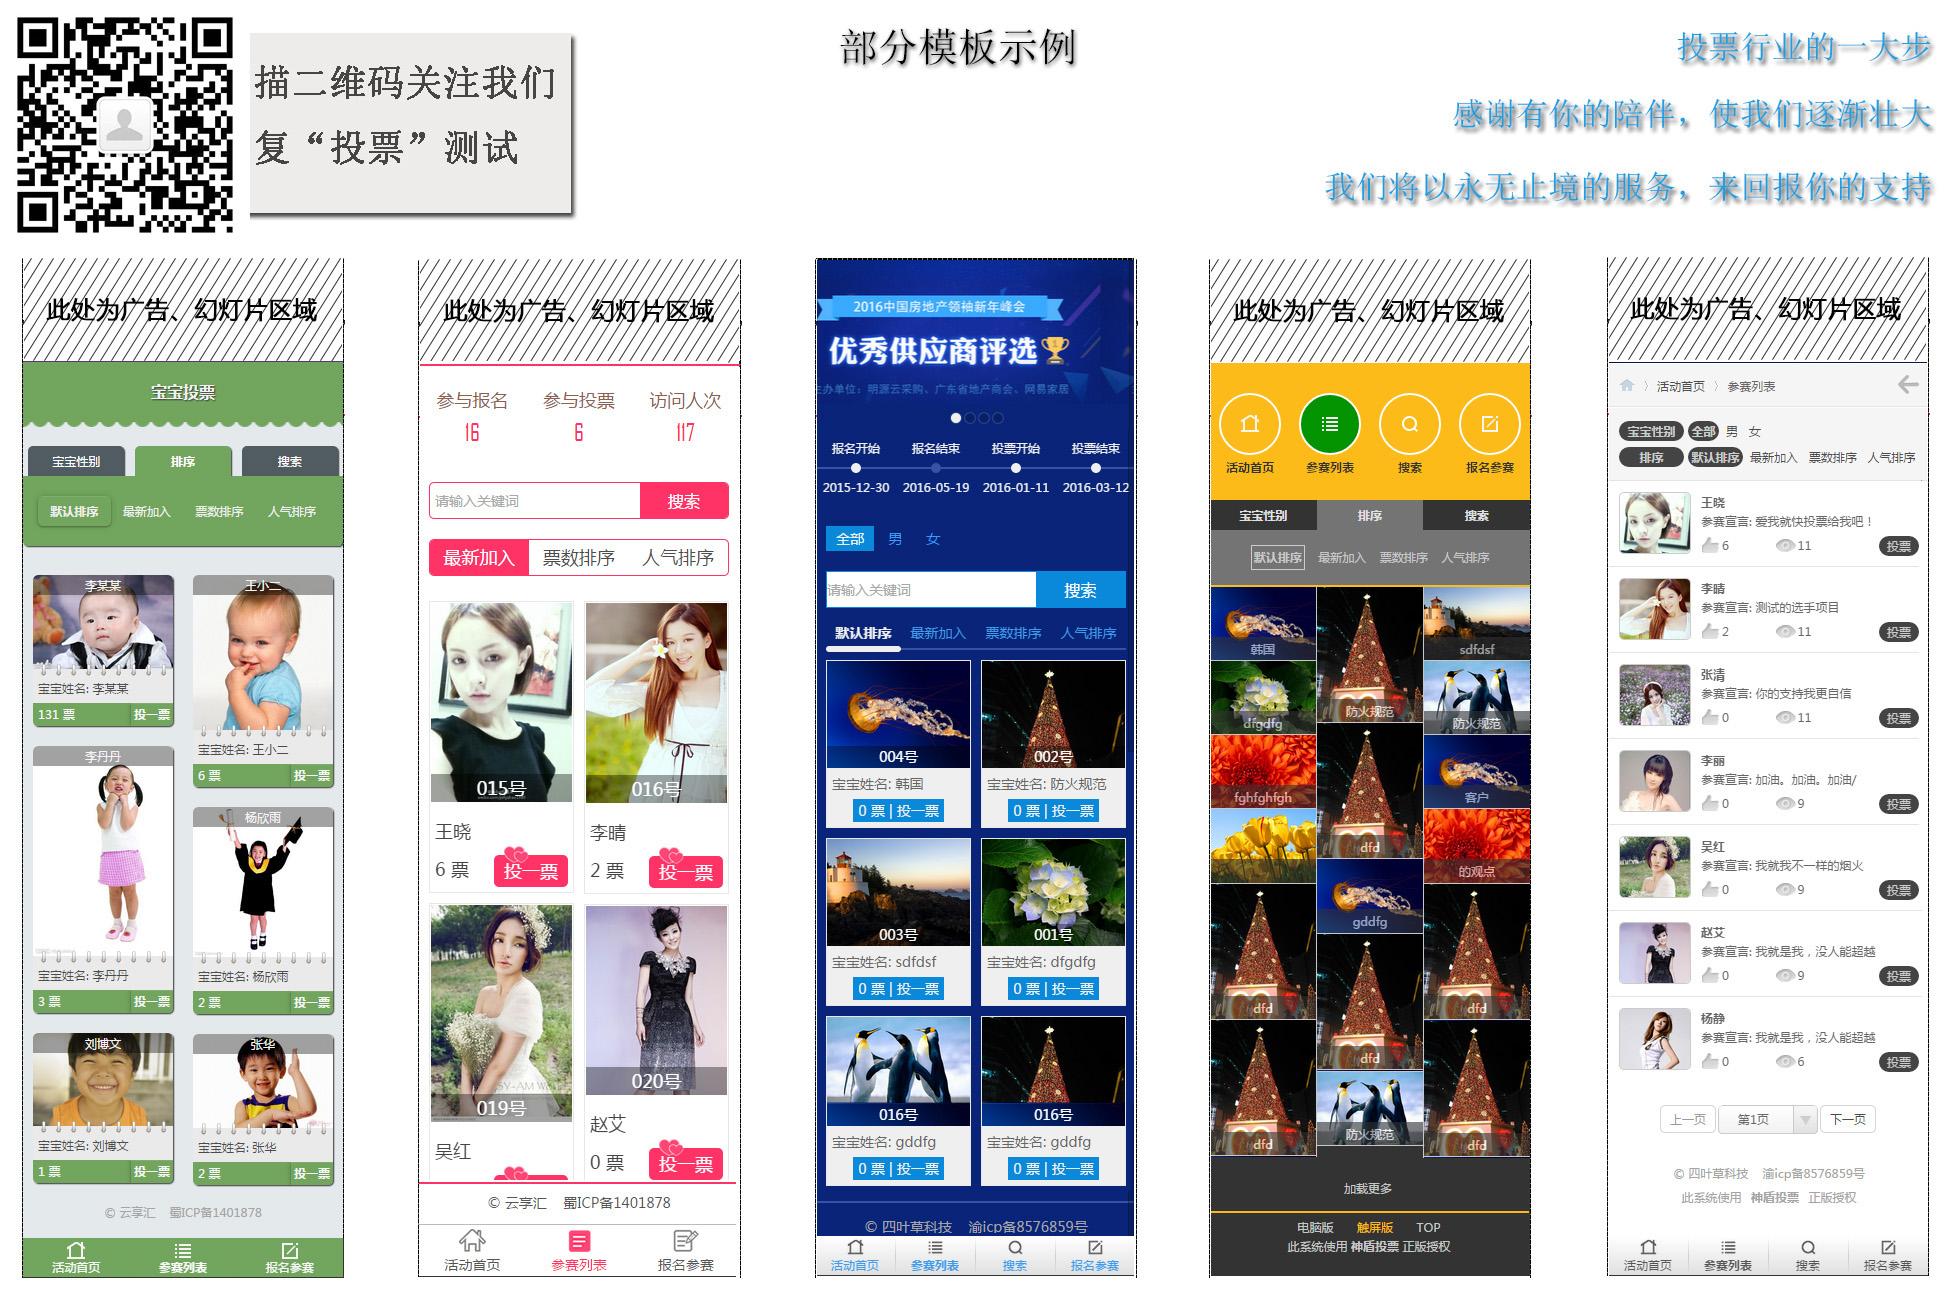 微信投票插件! 万能版 x4.2 - Discuz商业插件第1张-菜鸟分享